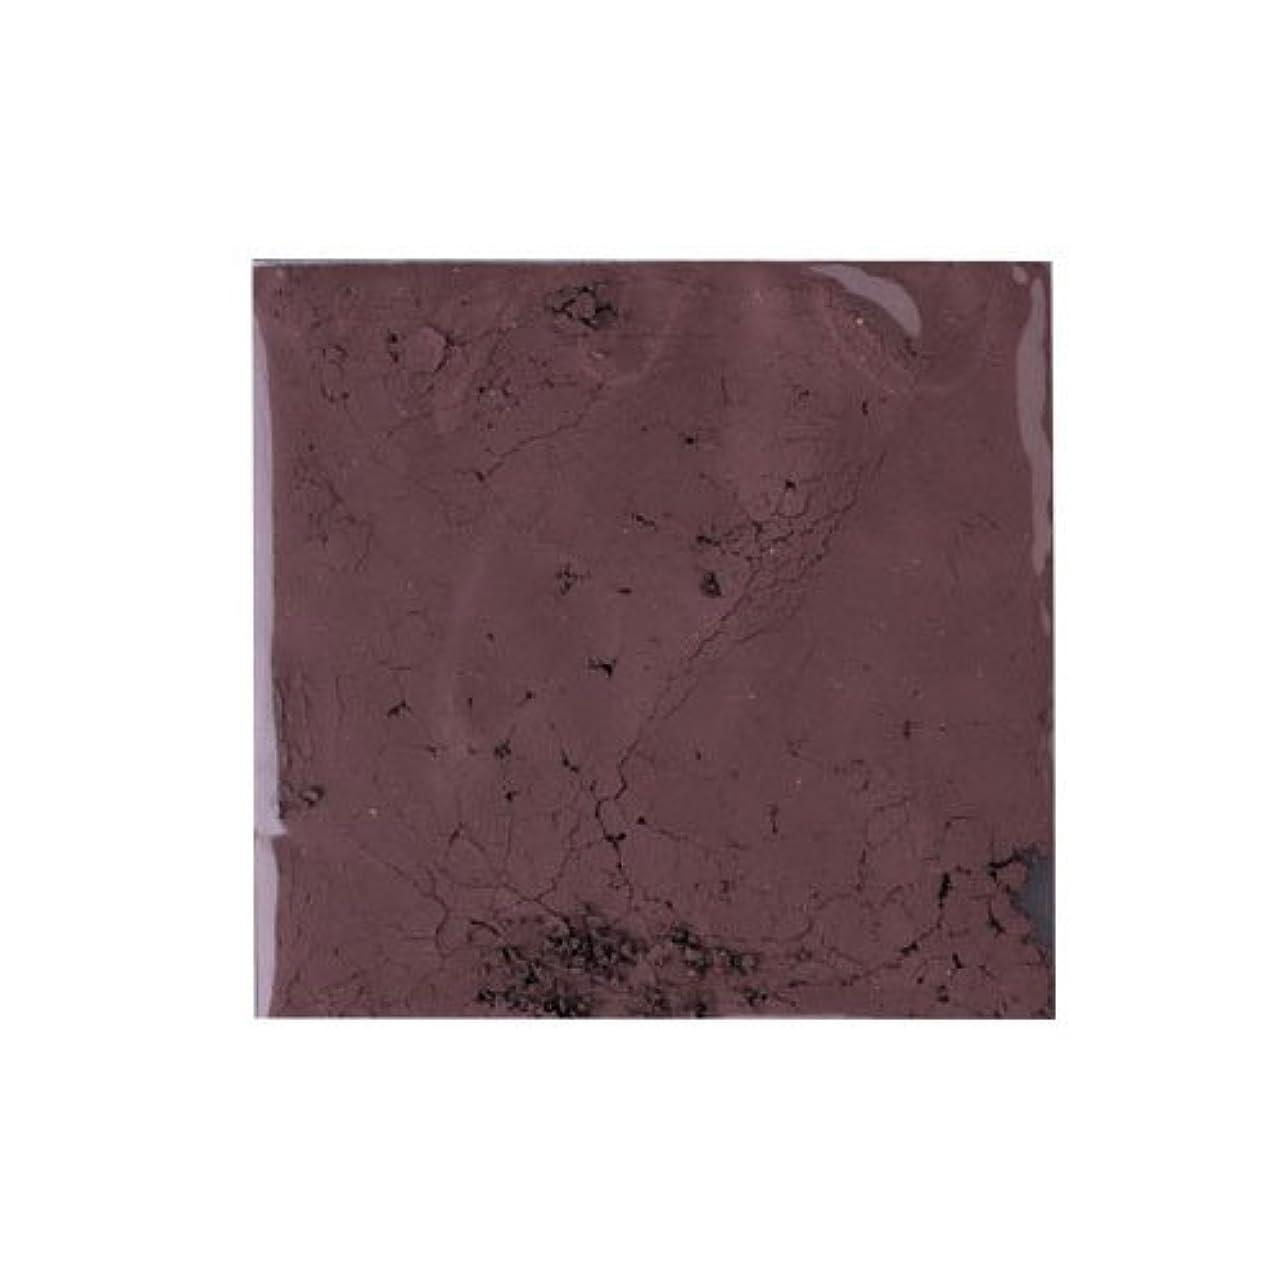 不規則な番号サスペンドピカエース ネイル用パウダー ピカエース カラーパウダー 着色顔料 #785 チョコレートブラウン 2g アート材